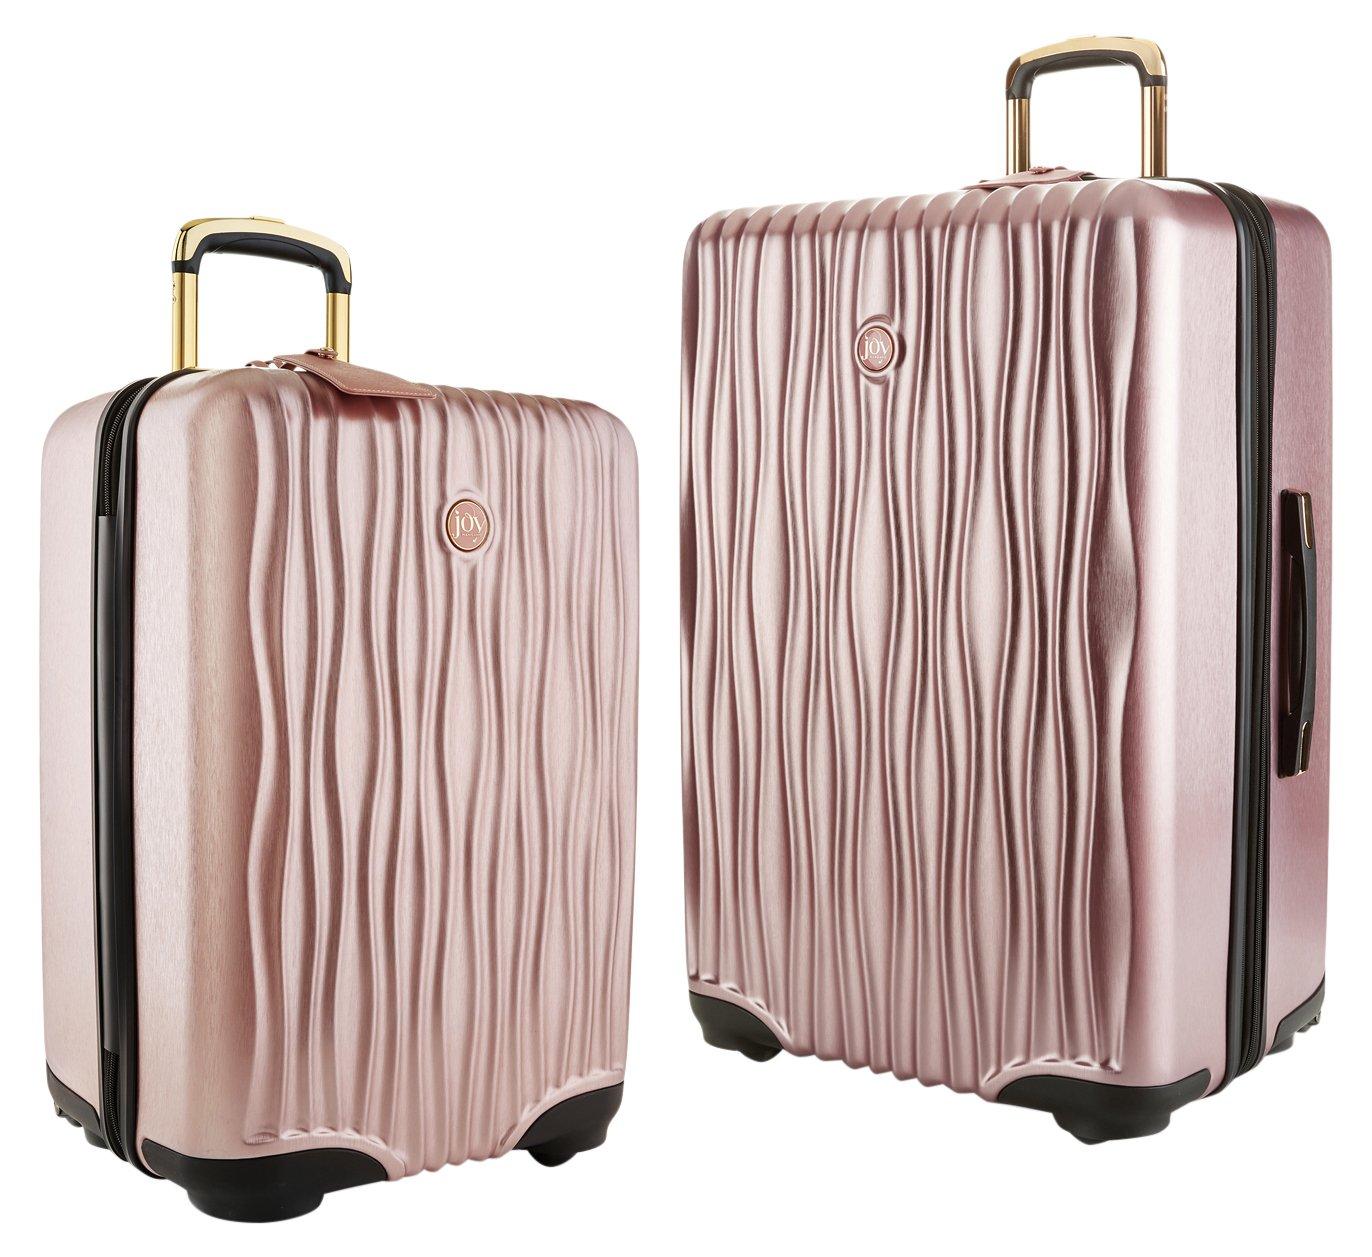 202f16ee190a Joy Mangano Hardside Medium Luggage (Carry-on) and Xl Luggage Combo, Rose  Quartz